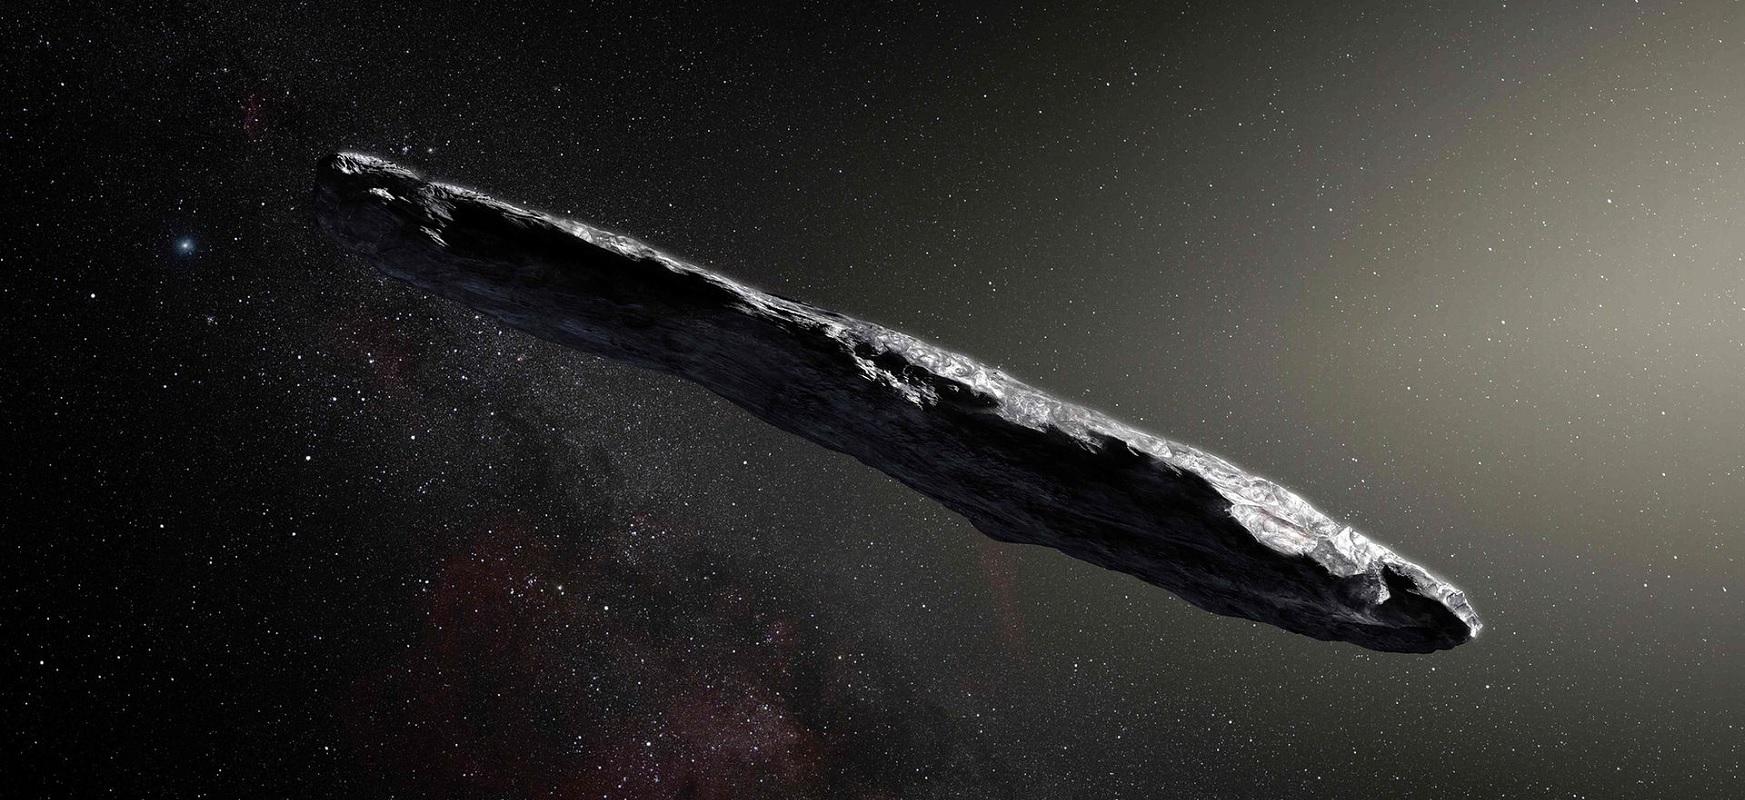 Oumuamua hegazkin planetoidea edo atzerritarra izan behar zen.  Zer moduz hidrogeno izotz mendi bat?